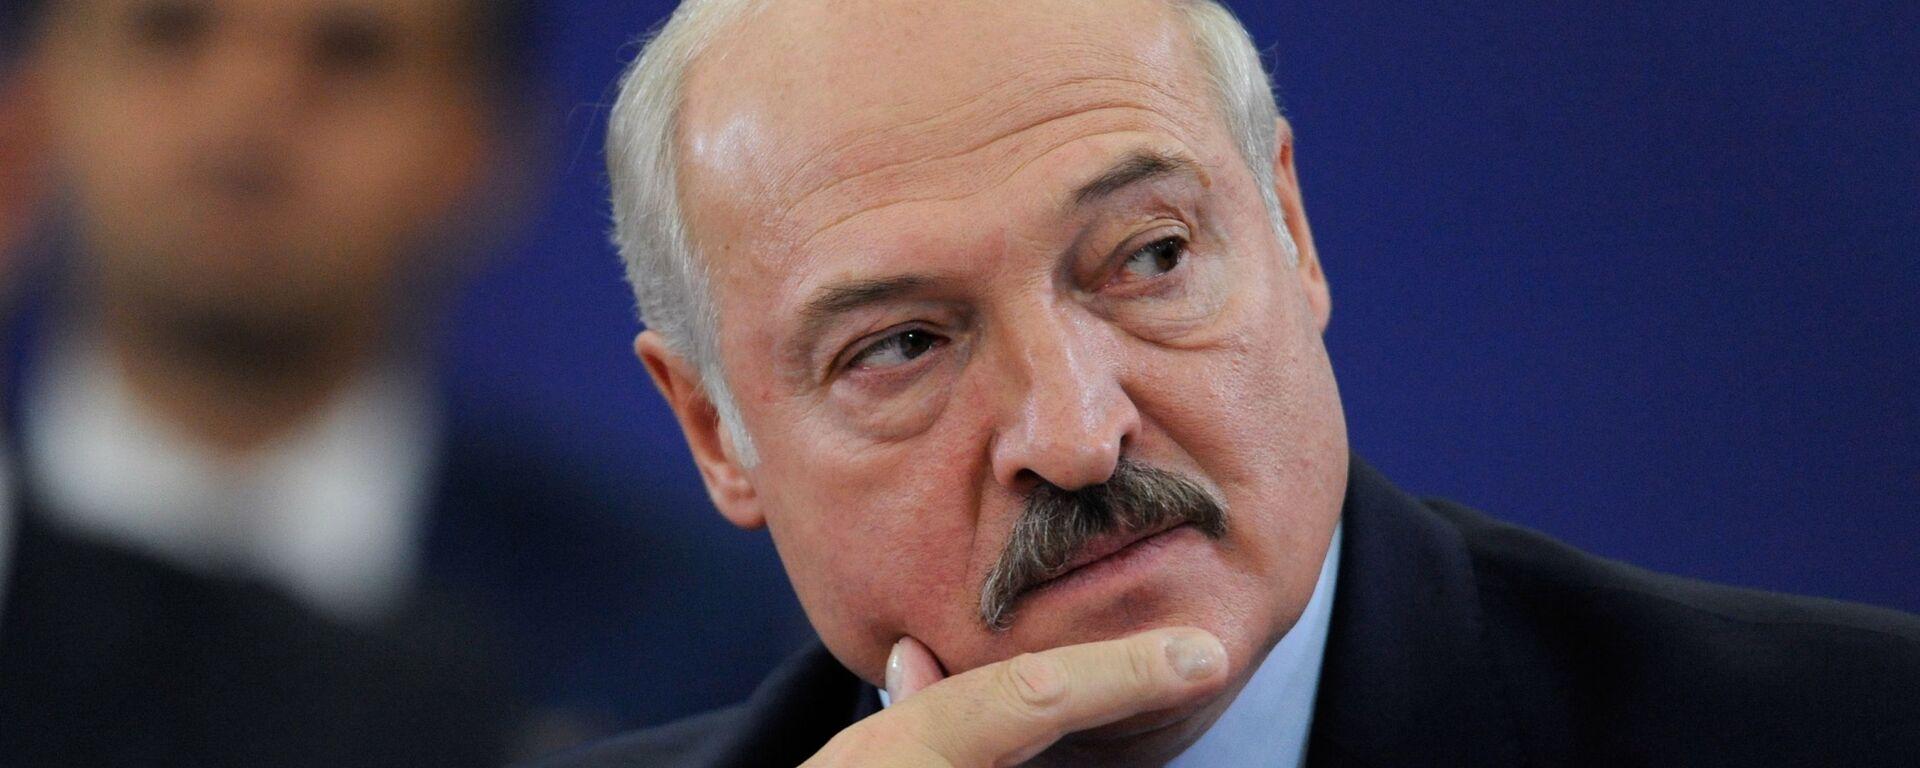 Alexandr Lukashenko, el presidente de Bielorrusia - Sputnik Mundo, 1920, 09.05.2021